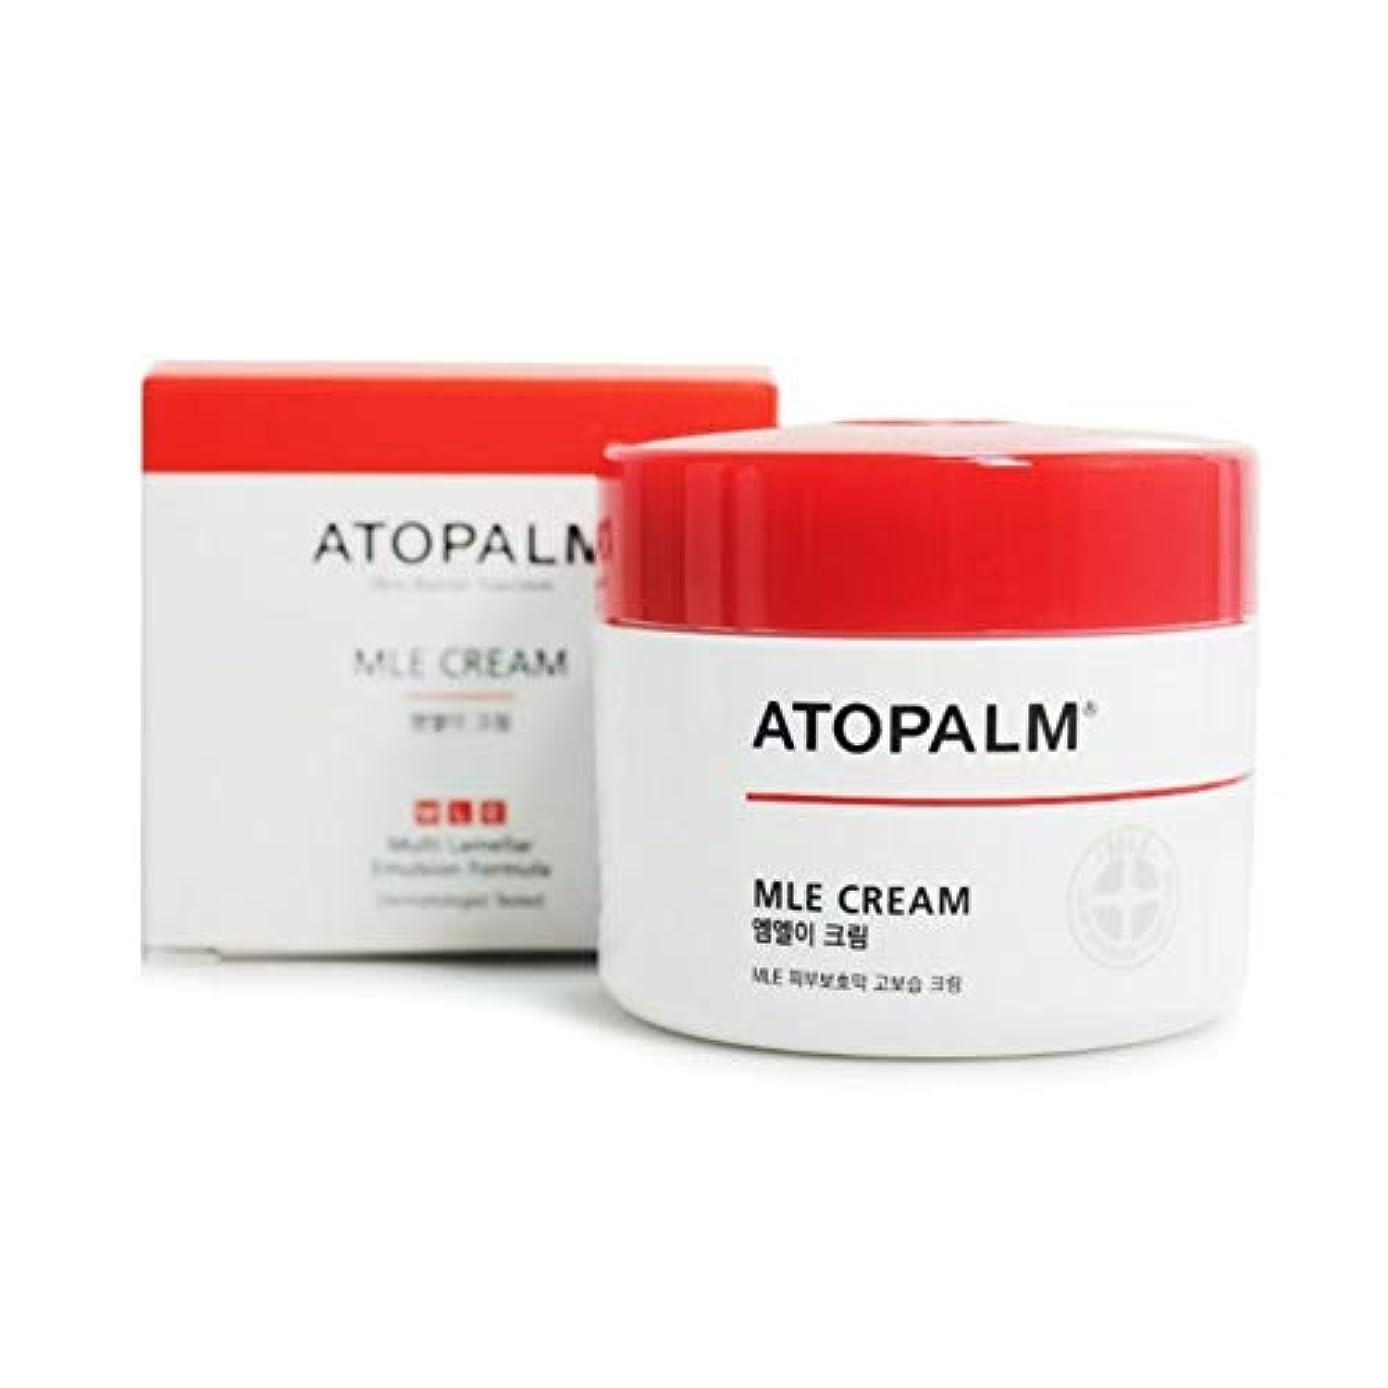 コントローラデンプシー逆説アトパムMLEクリーム160mlベビークリーム韓国コスメ、Atopalm MLE Cream 160ml Baby Cream Korean Cosmetics [並行輸入品]